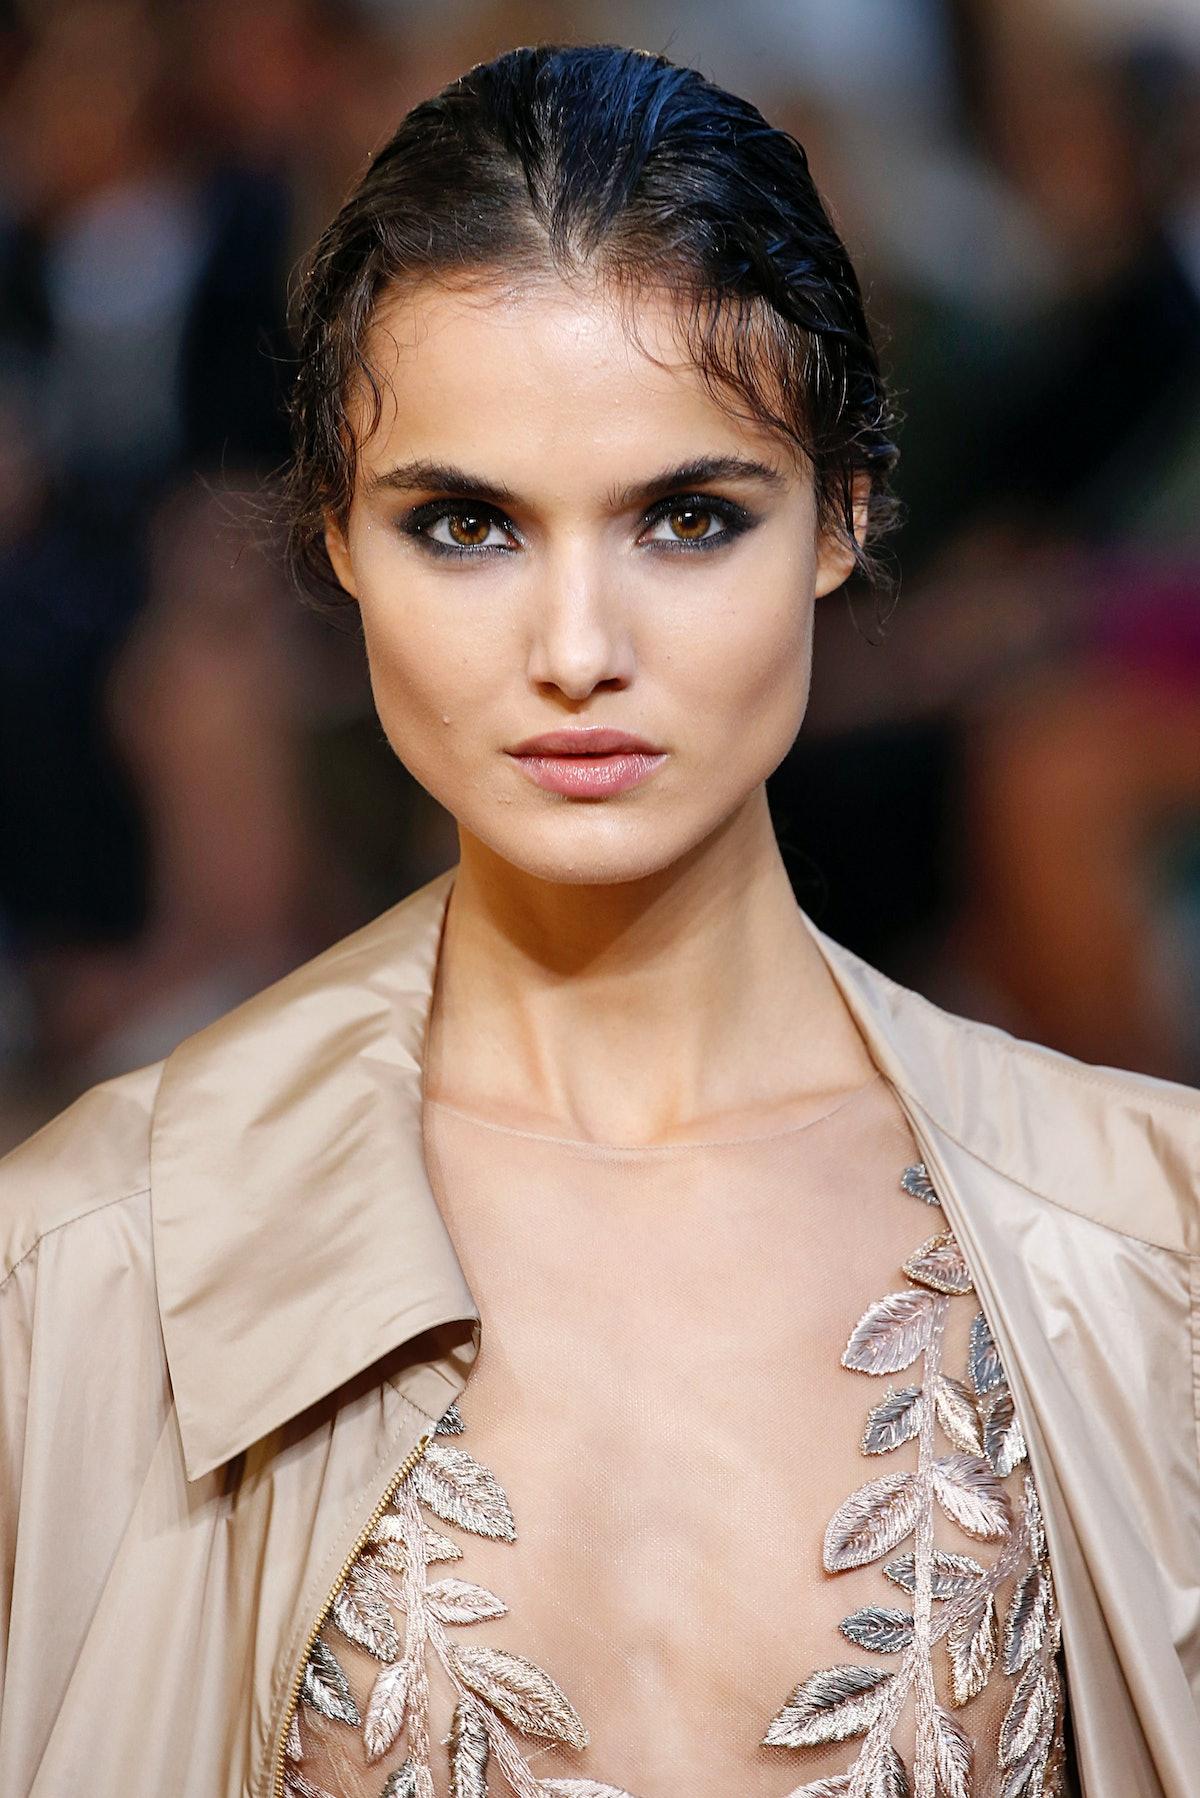 Alberta Ferretti - Runway - Milan Fashion Week Spring/Summer 2018